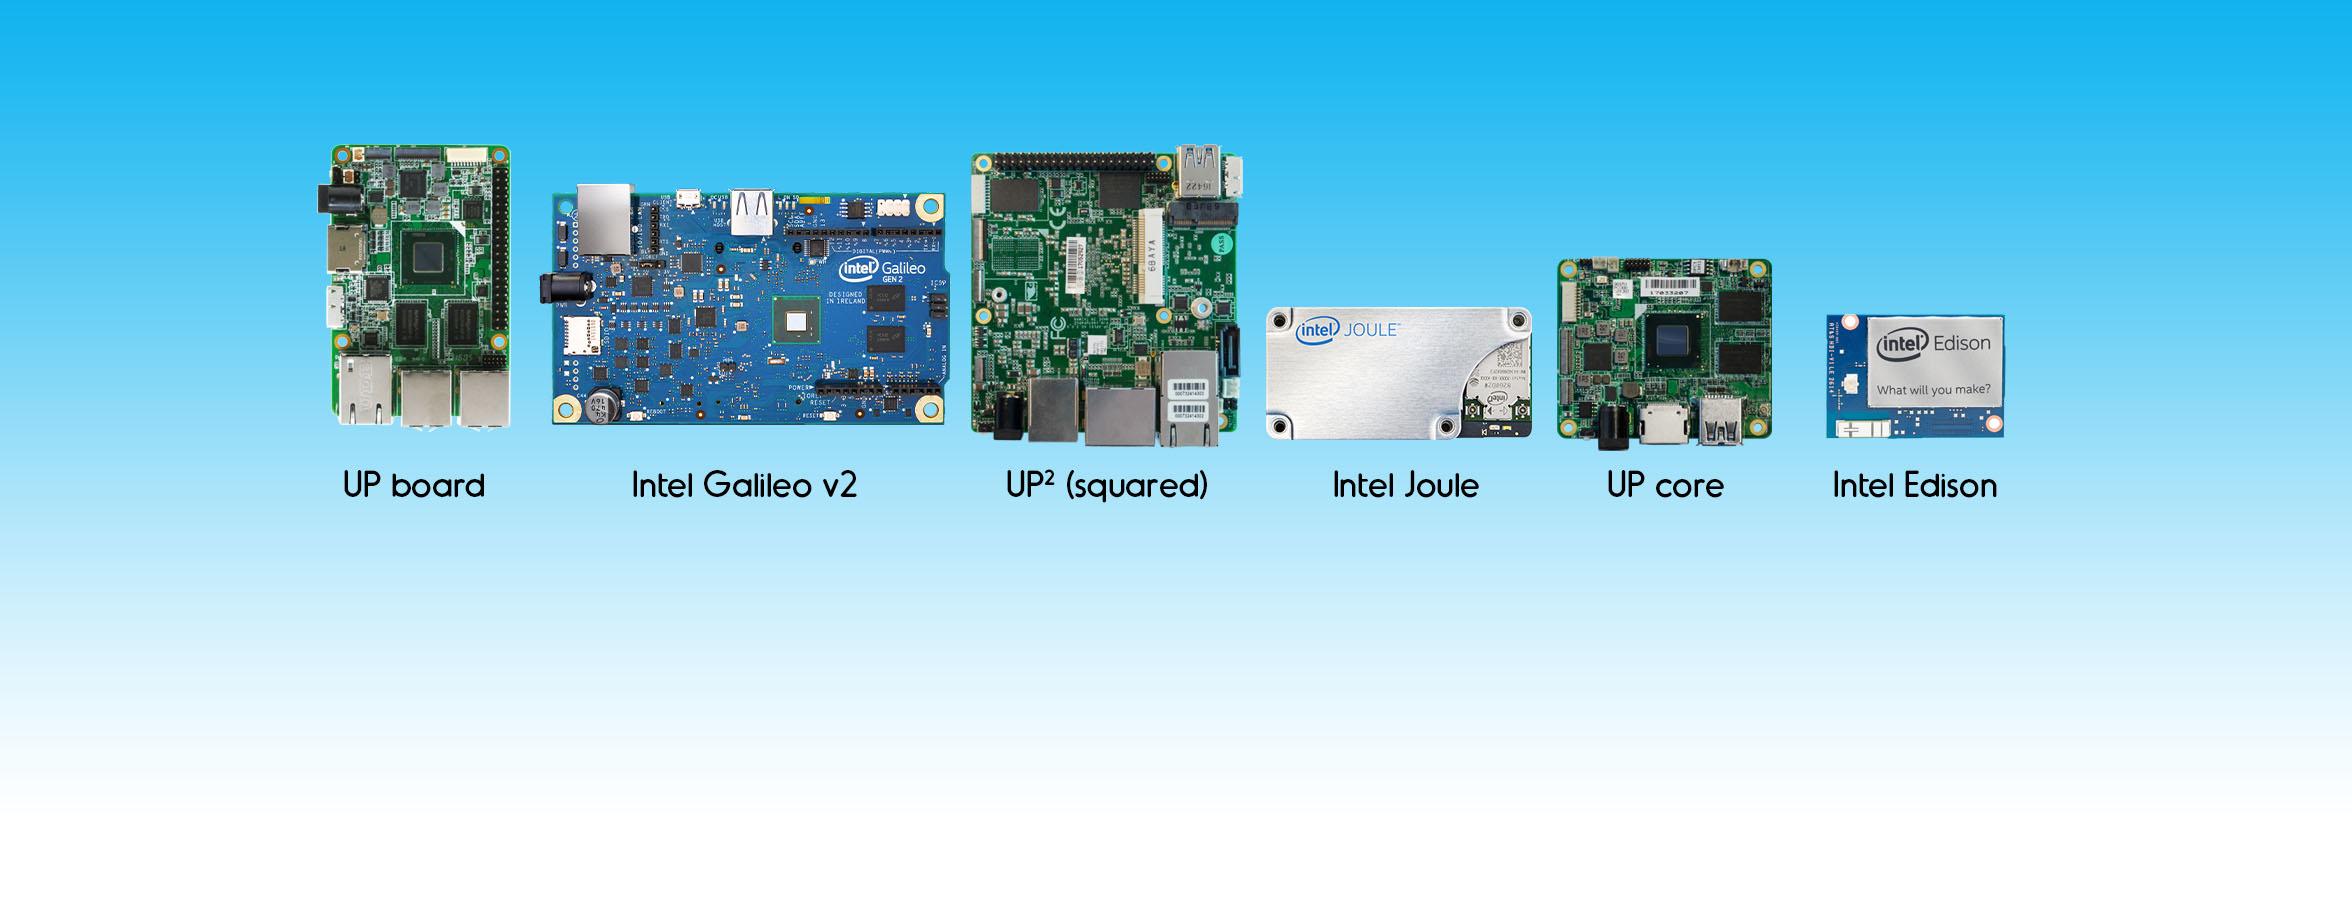 Intel-comparison